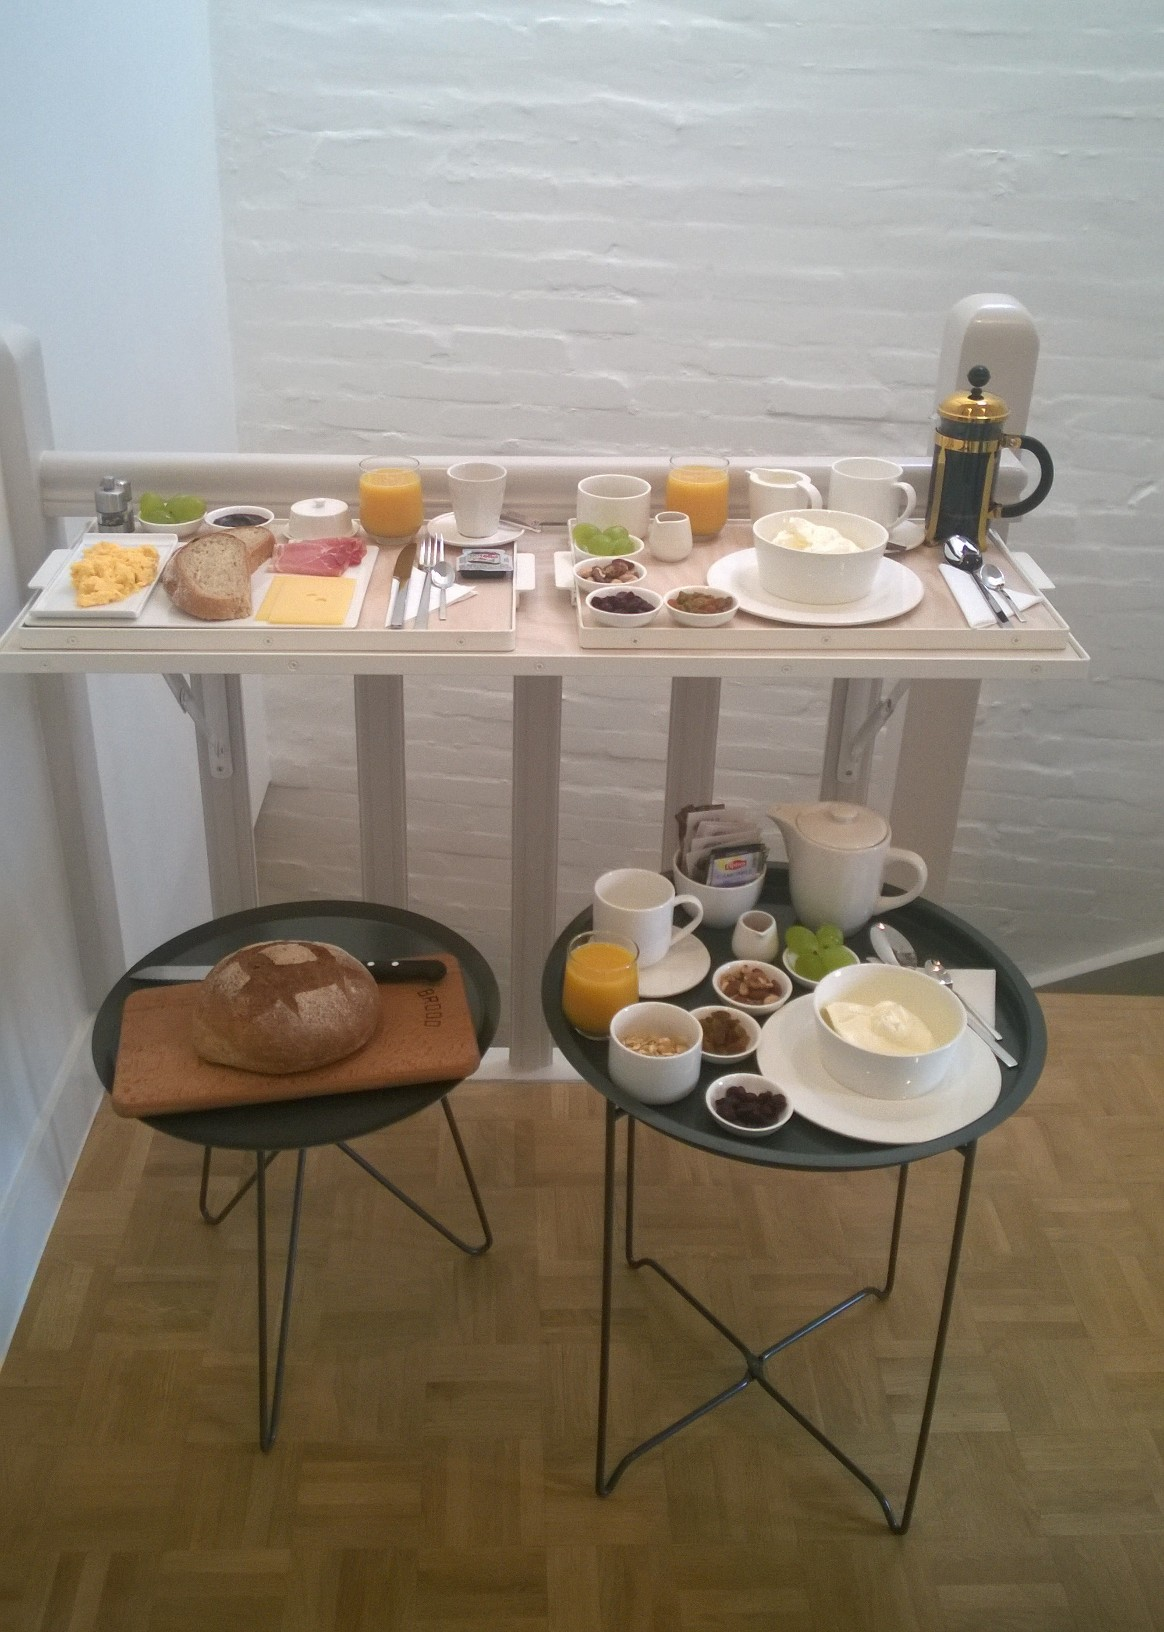 Eindhoven bed breakfast di design studio nr 7 lifeblogger - Mobili per bed and breakfast ...